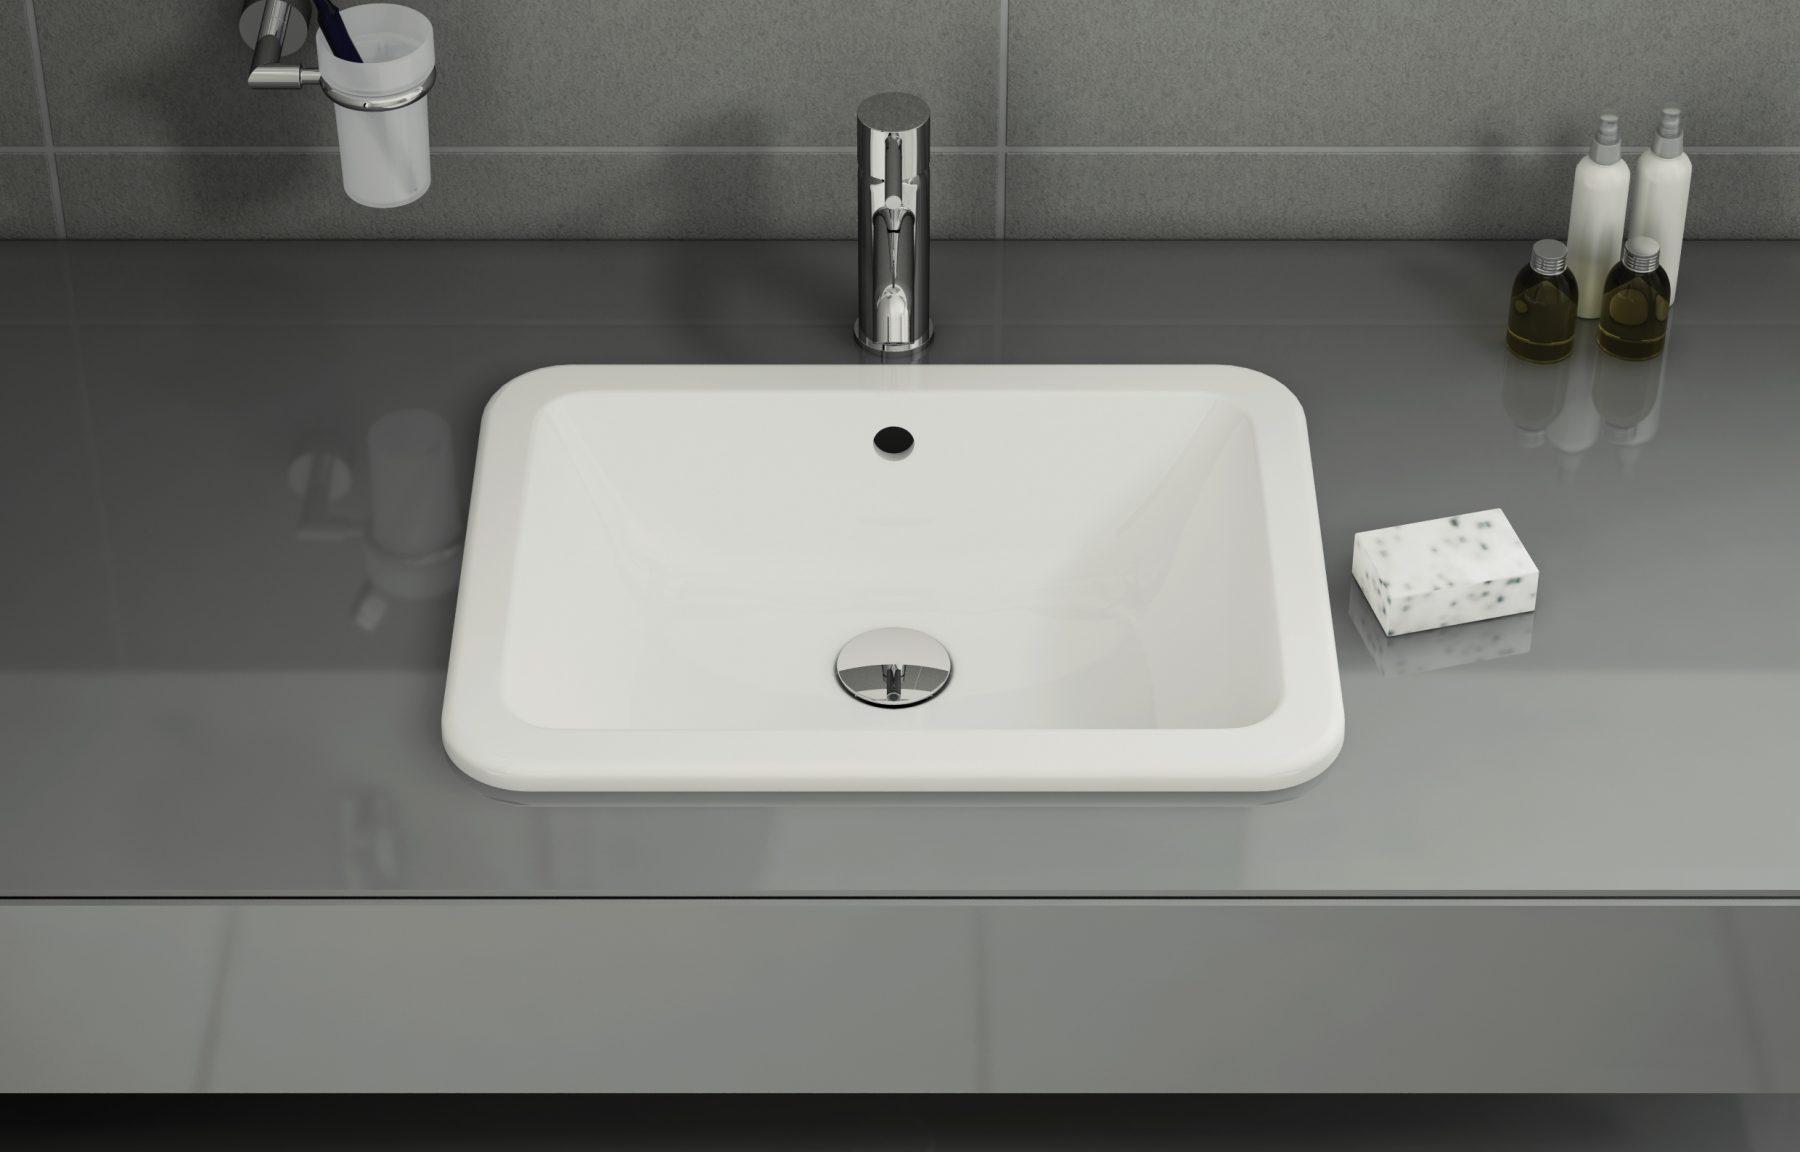 vasque a encastrer rectangulaire Vasques à Encastrer Par Dessus Fiche Produit